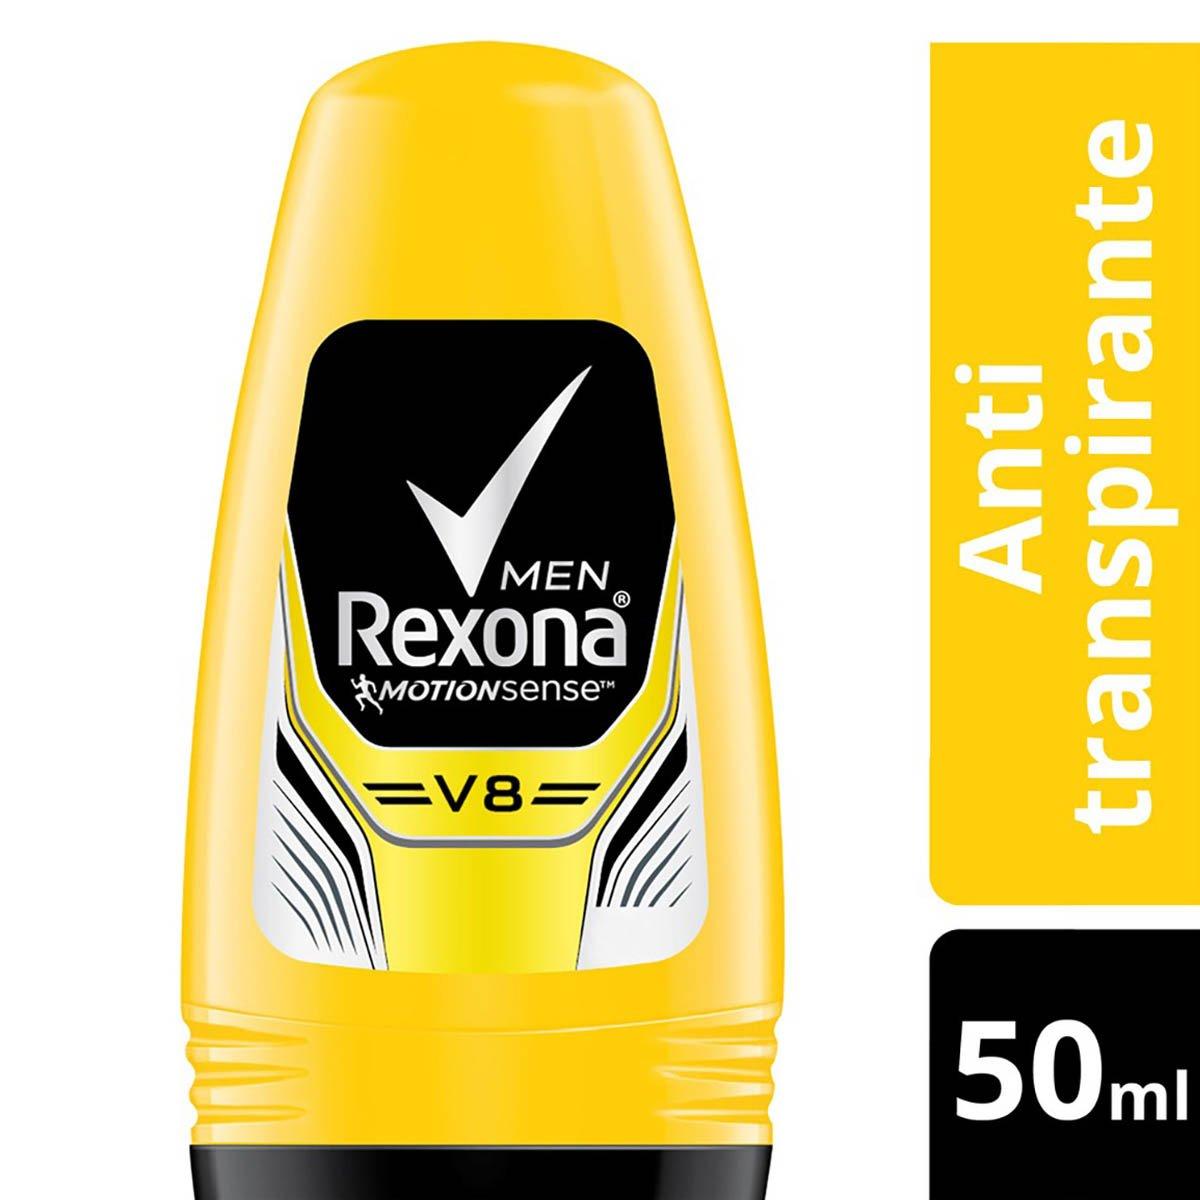 Desodorante Antitranspirante Rexona  V8 50ml